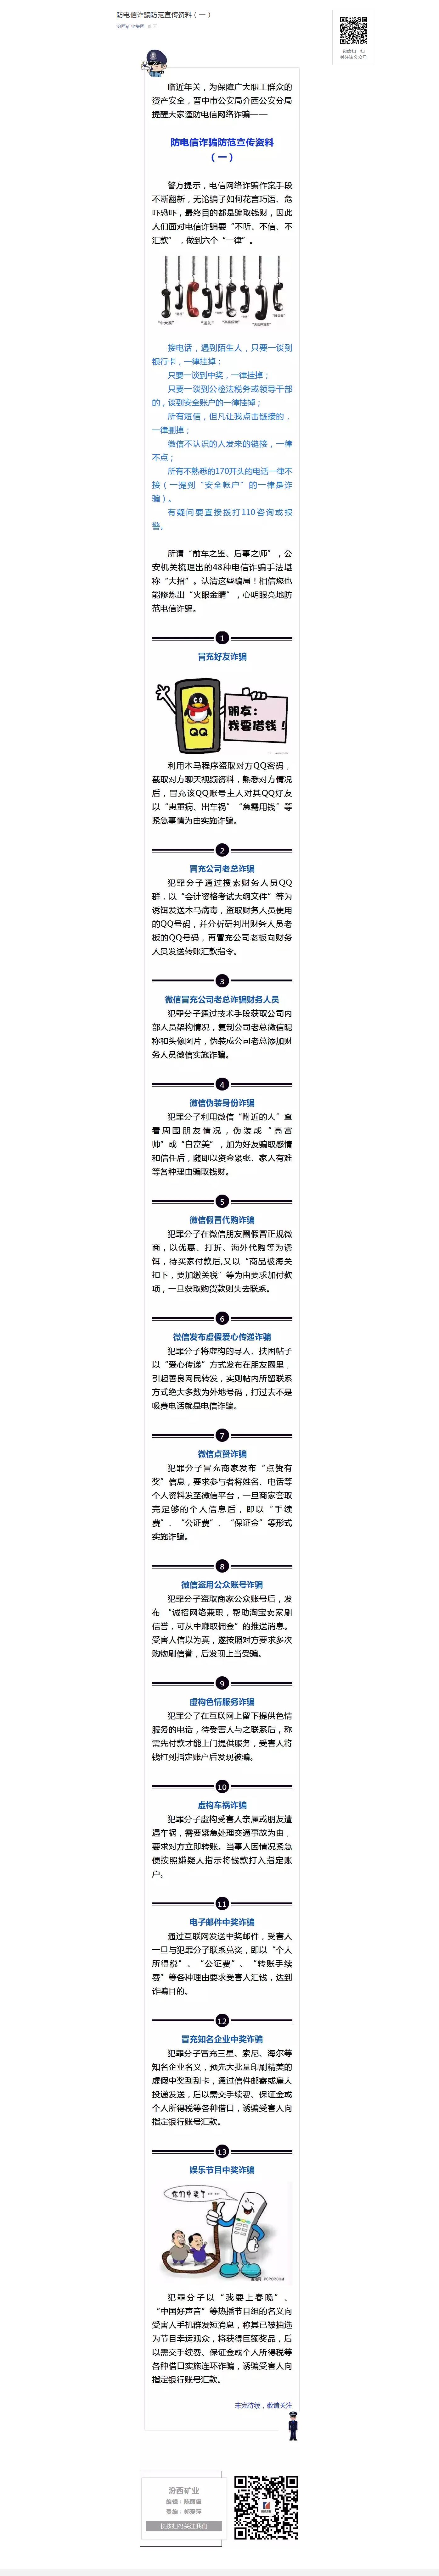 防电信诈骗防范宣传资料(一).png